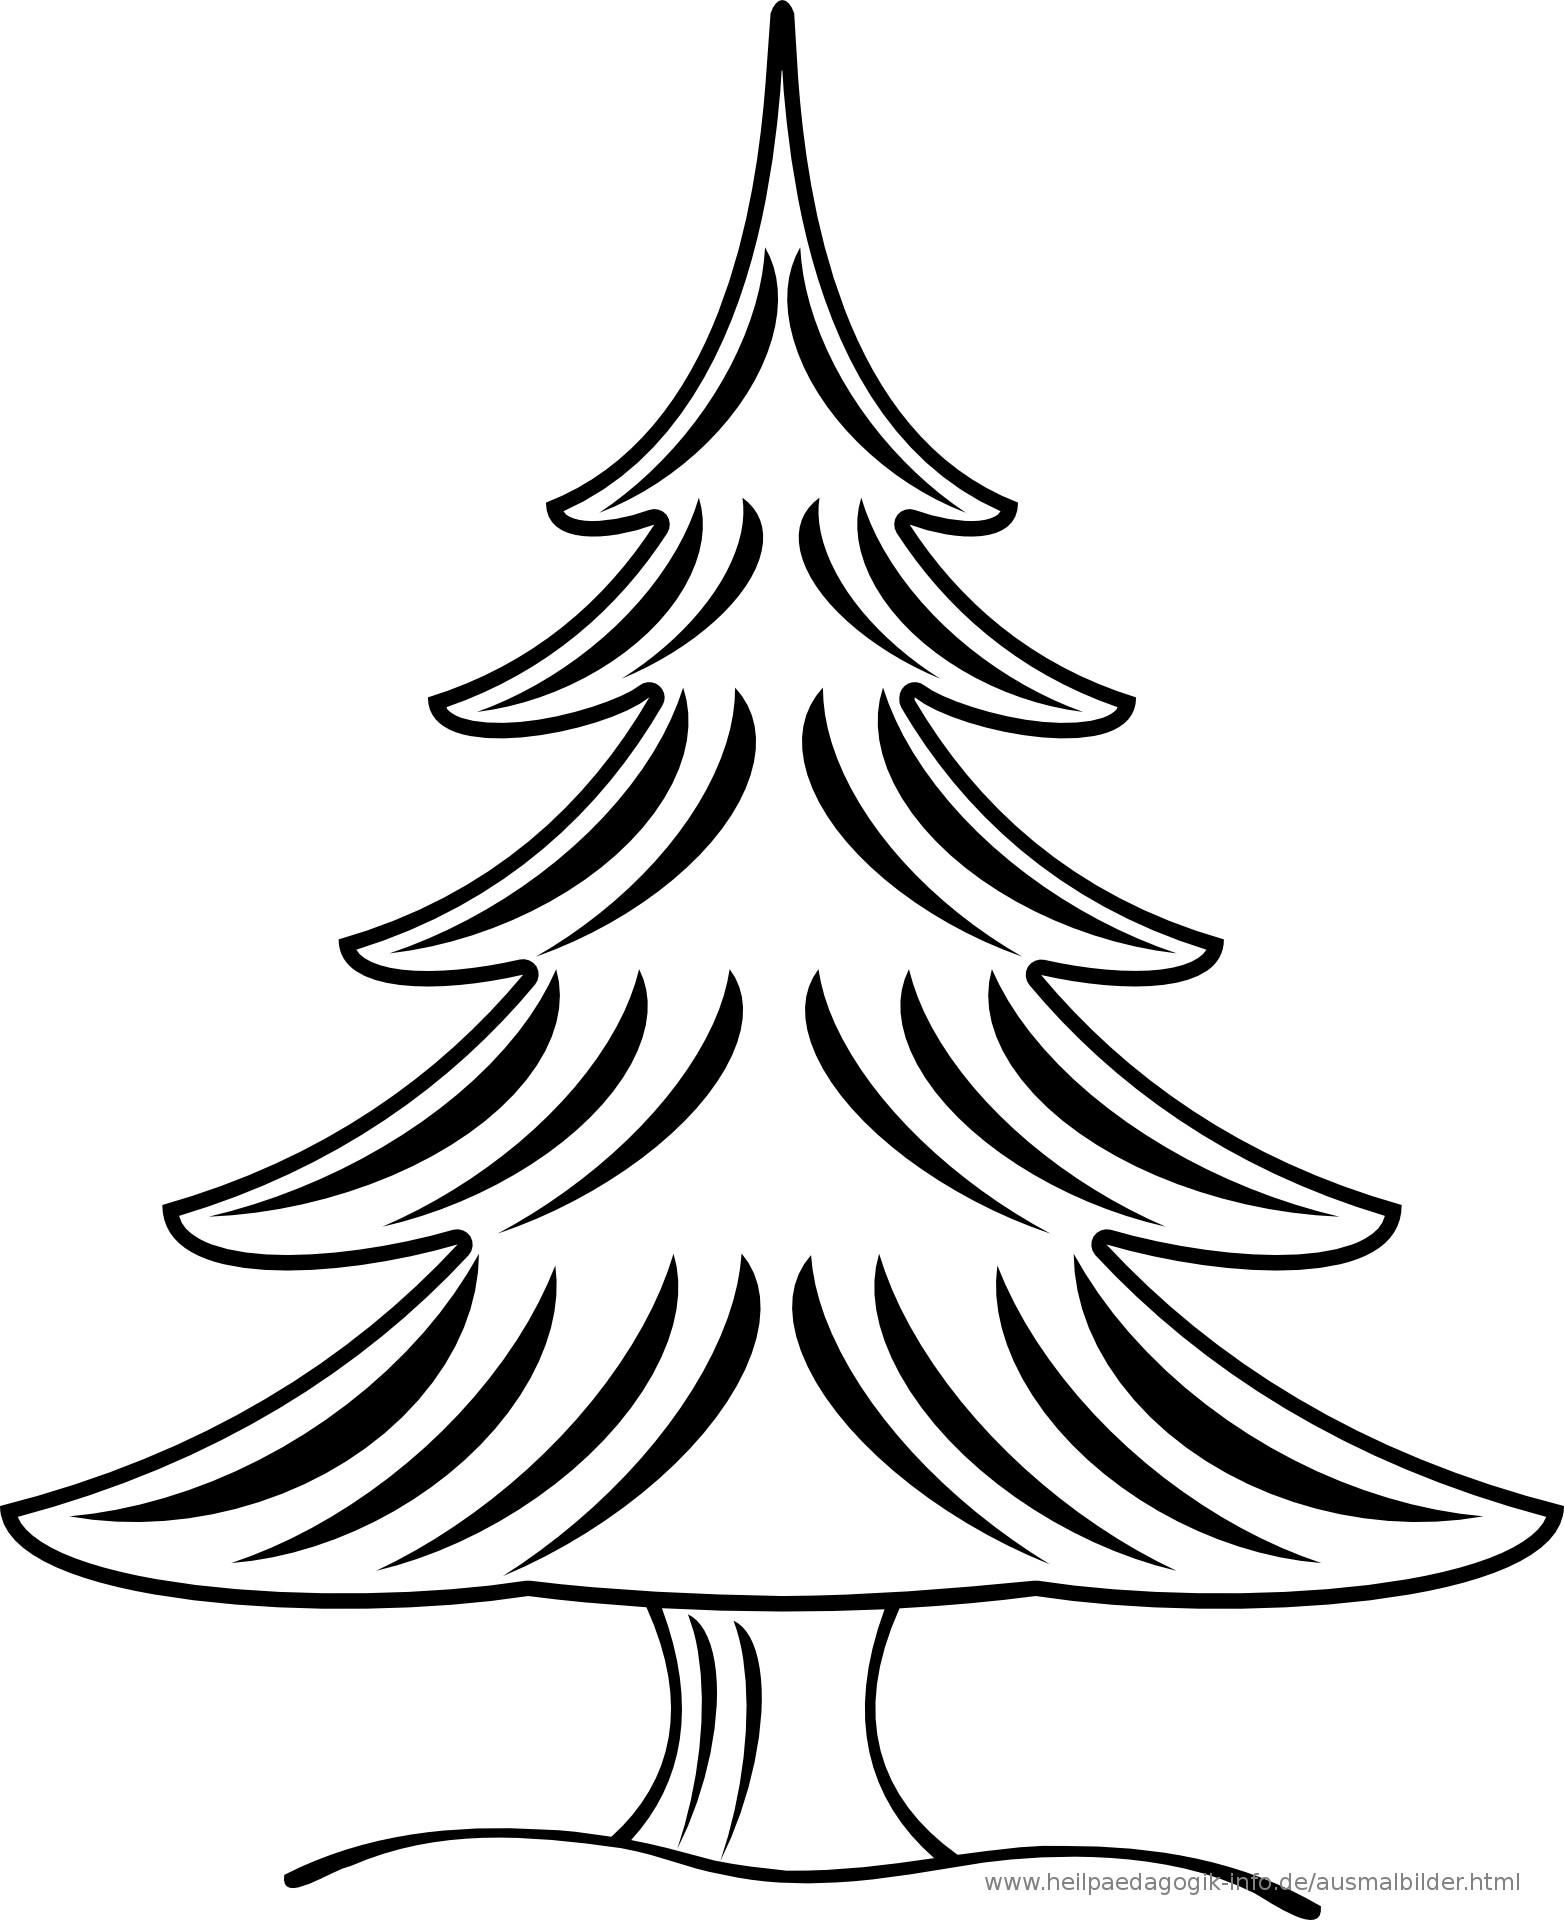 Ausmalbilder Weihnachten Tannenbaum Mit Geschenken Neu Ausmalbilder Weihnachten Bilder